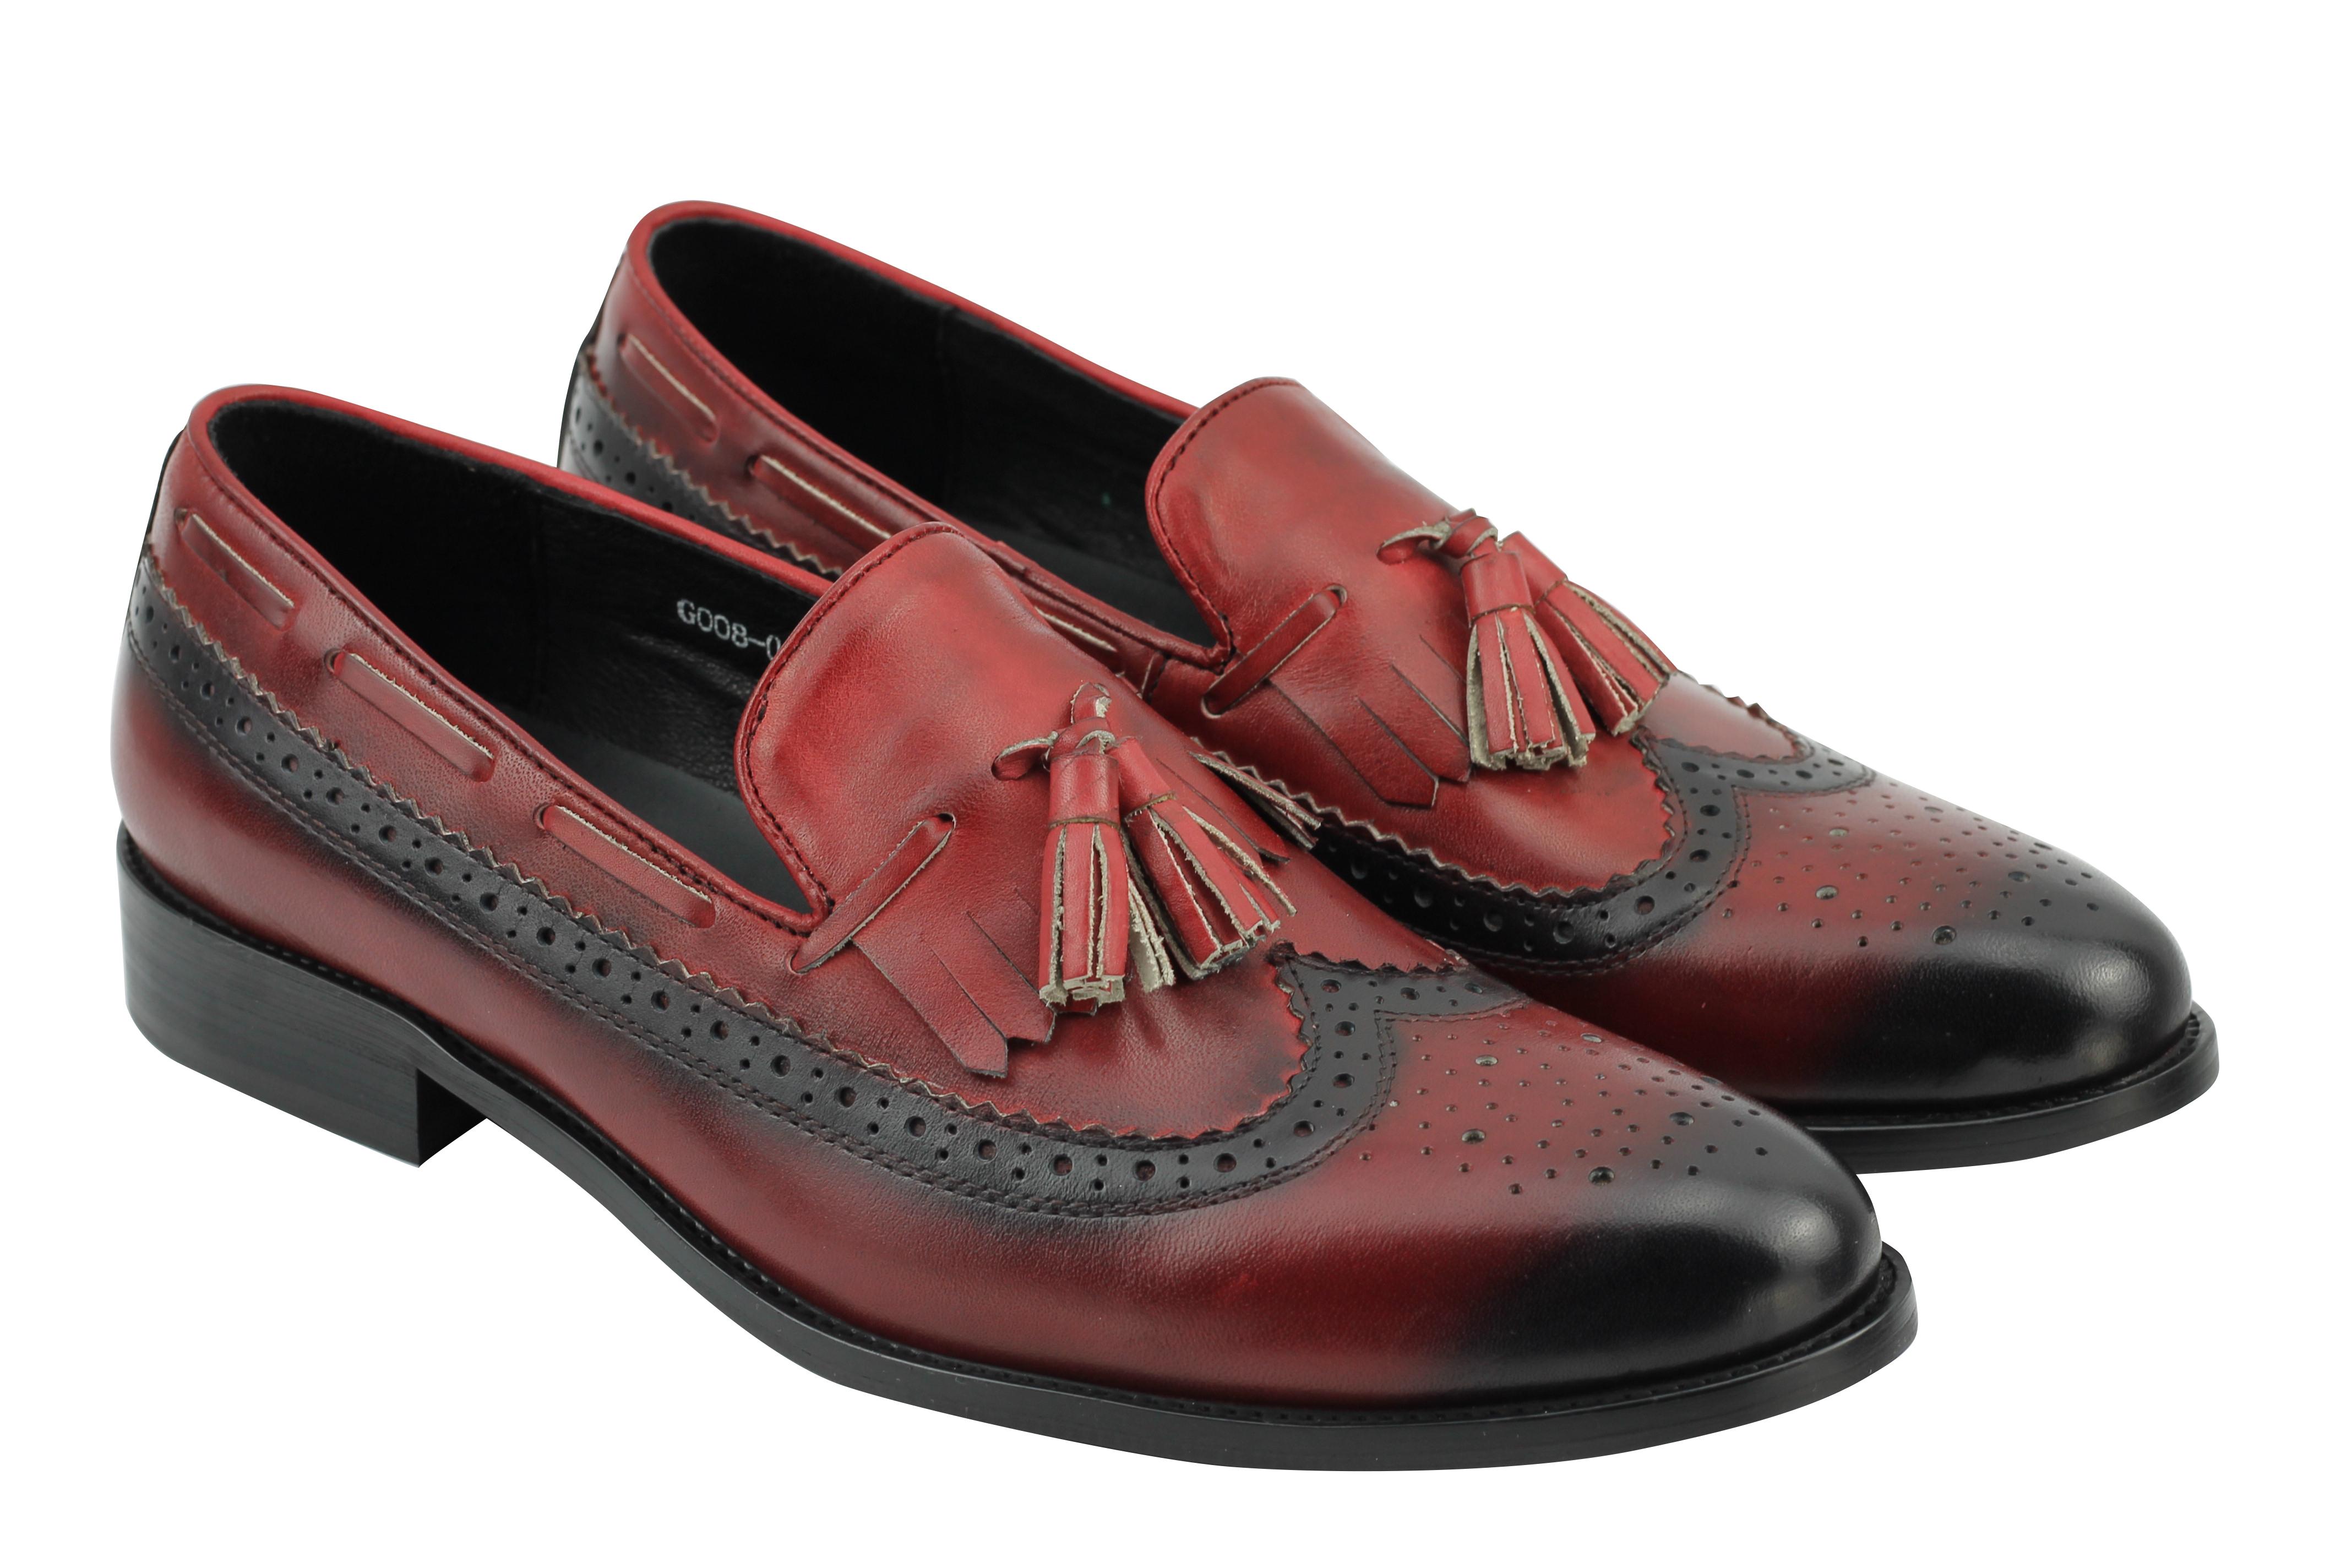 Mens Real Burnished Leather Brown Fringed Tassel Lace ups Vintage Brouge Shoes